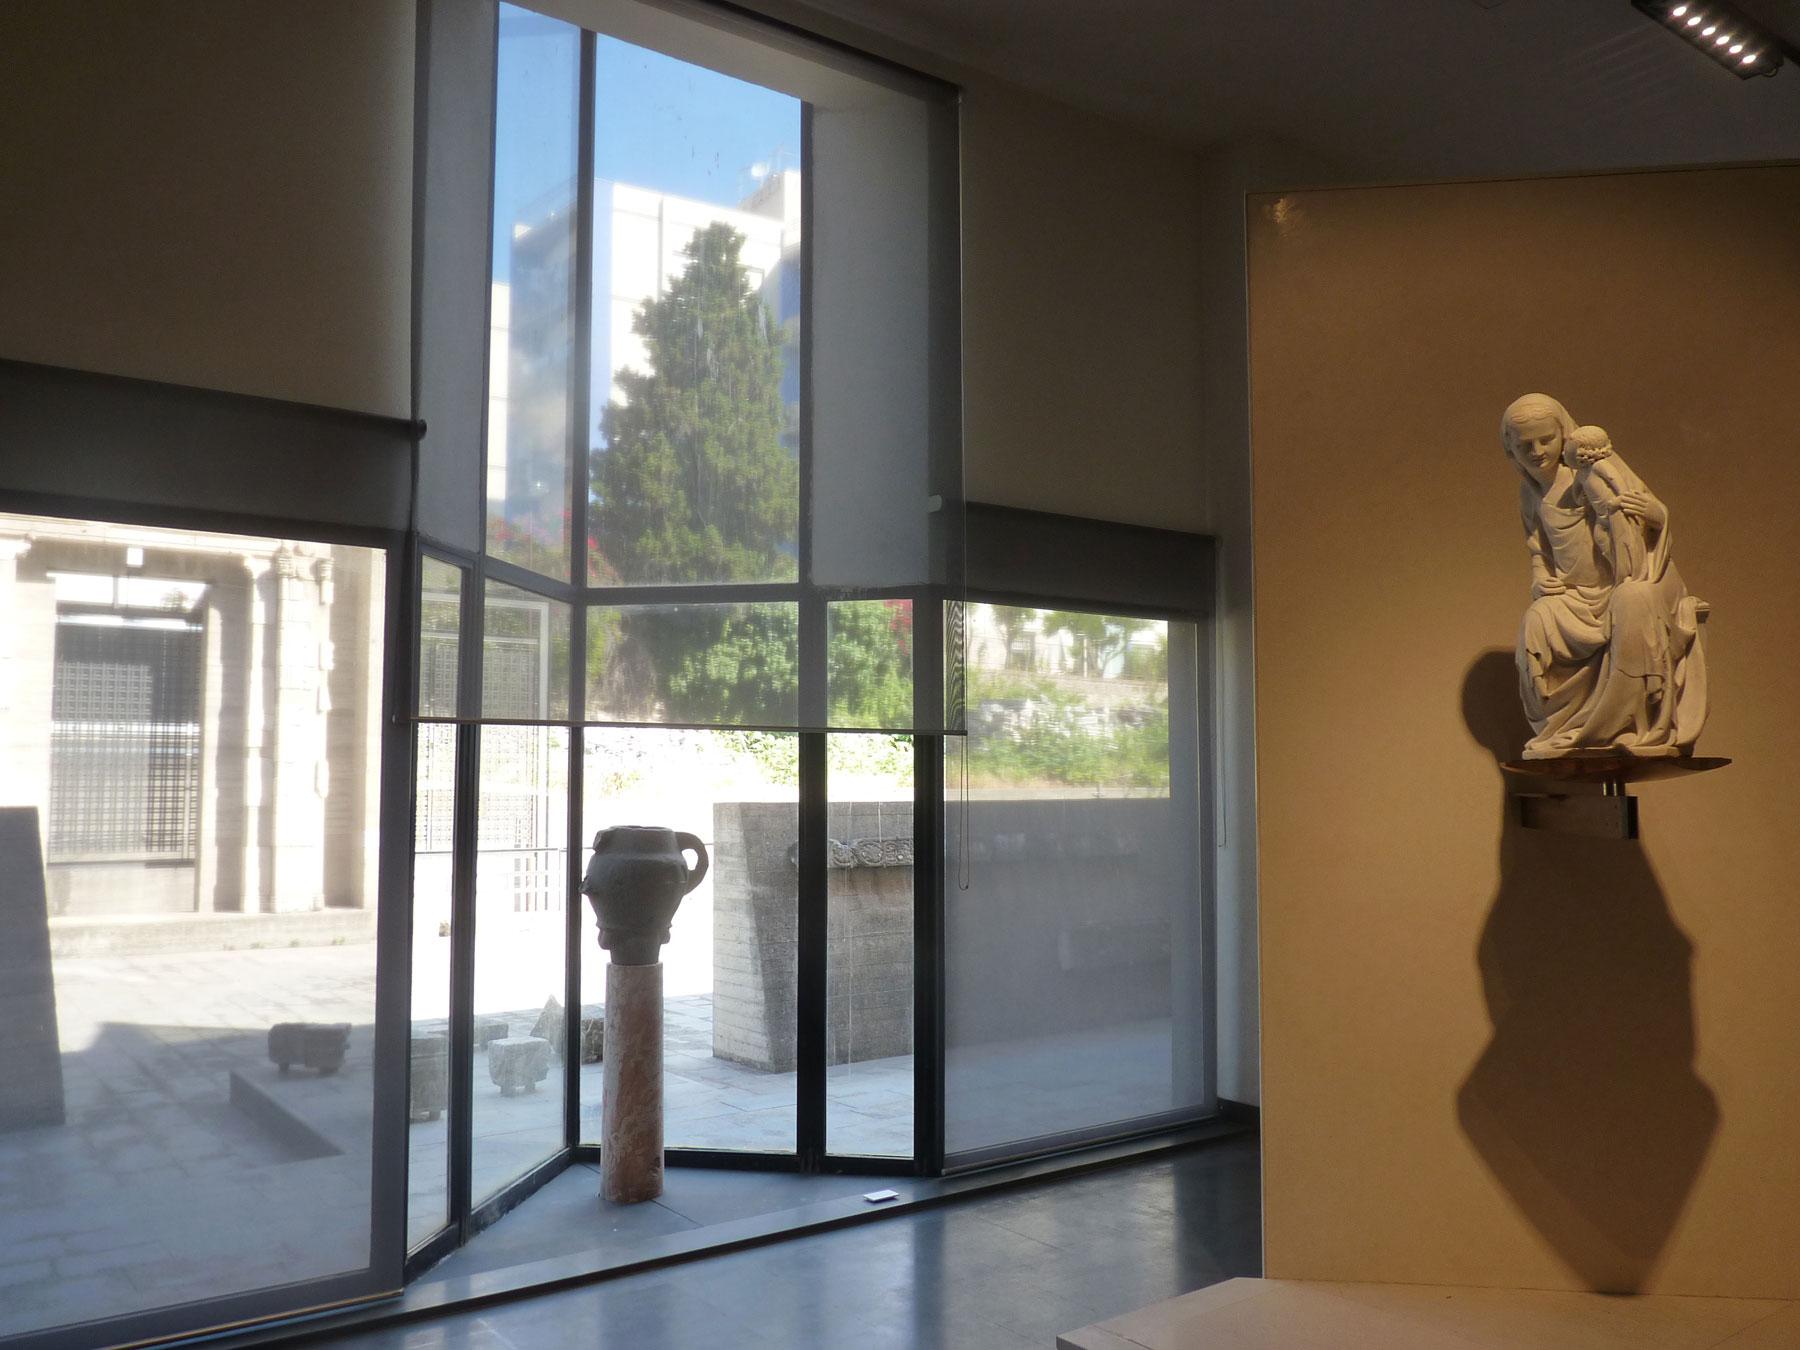 Settore medievale, confronto tra pittura, scultura e architettura all'esterno